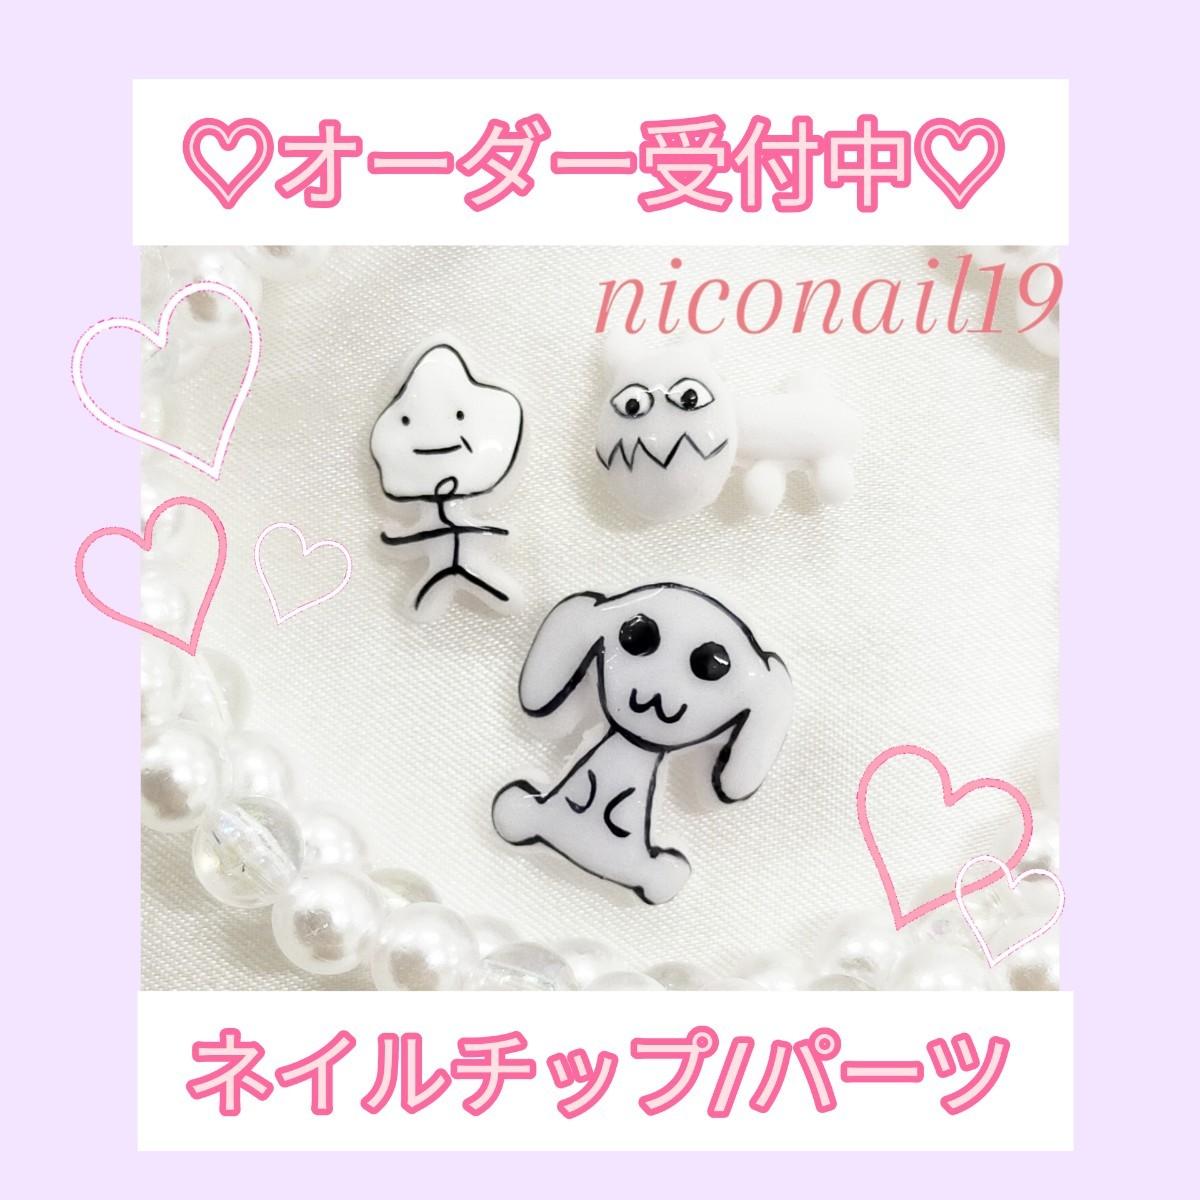 【オーダー専用】ネイルパーツ ネイルチップ オーダーネイル Snowman 渡辺翔太